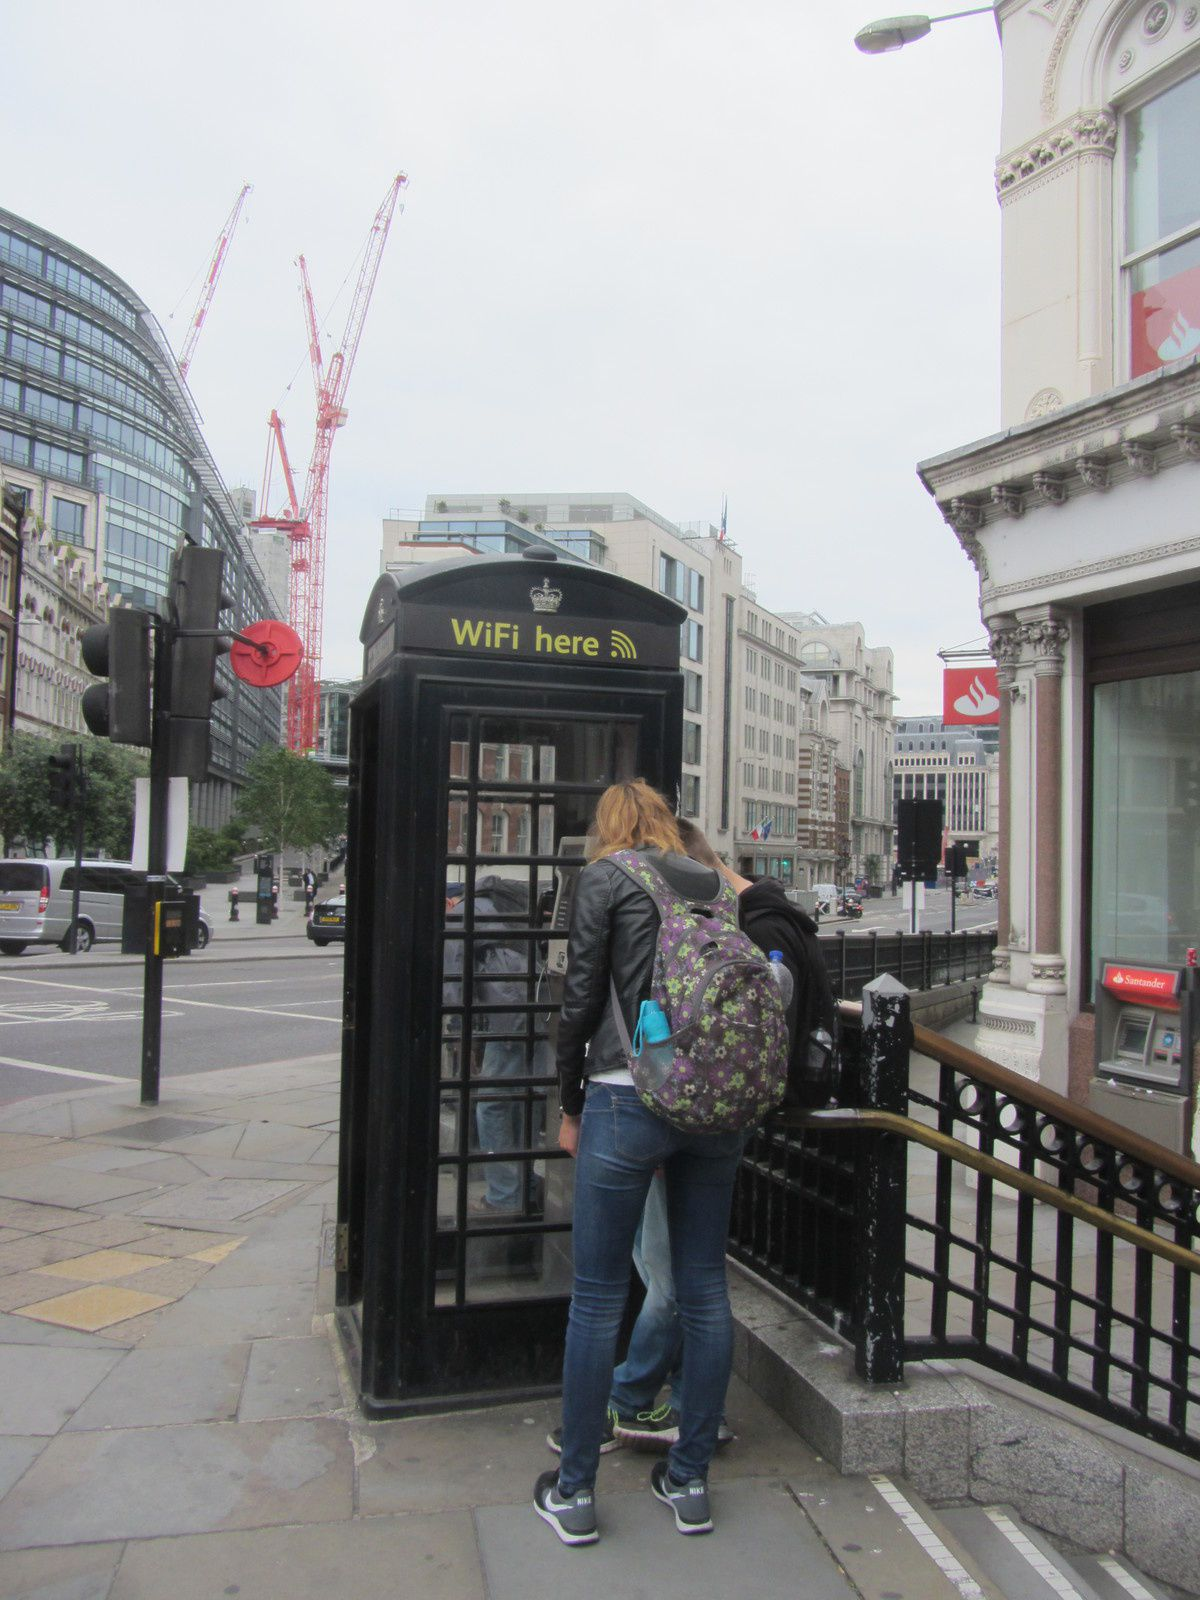 Quand aux traditionnelles cabines téléphoniques, elles passent de plus en plus au noir pour se démarquer.